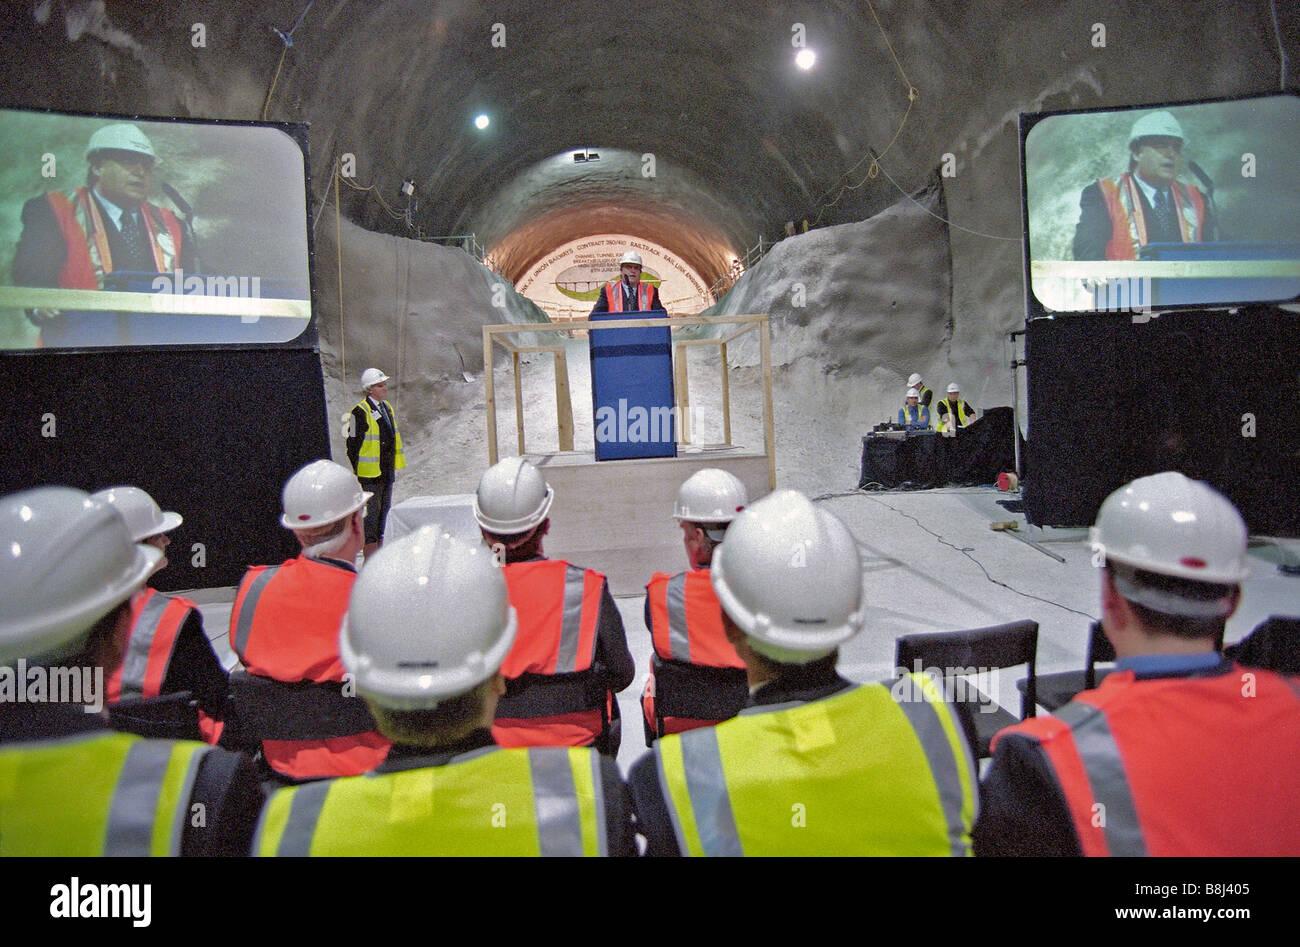 El Viceprimer Ministro John Prescott dando discurso ante el avance de las Llanuras del Norte Túnel sobre el enlace ferroviario del Túnel del Canal. Foto de stock